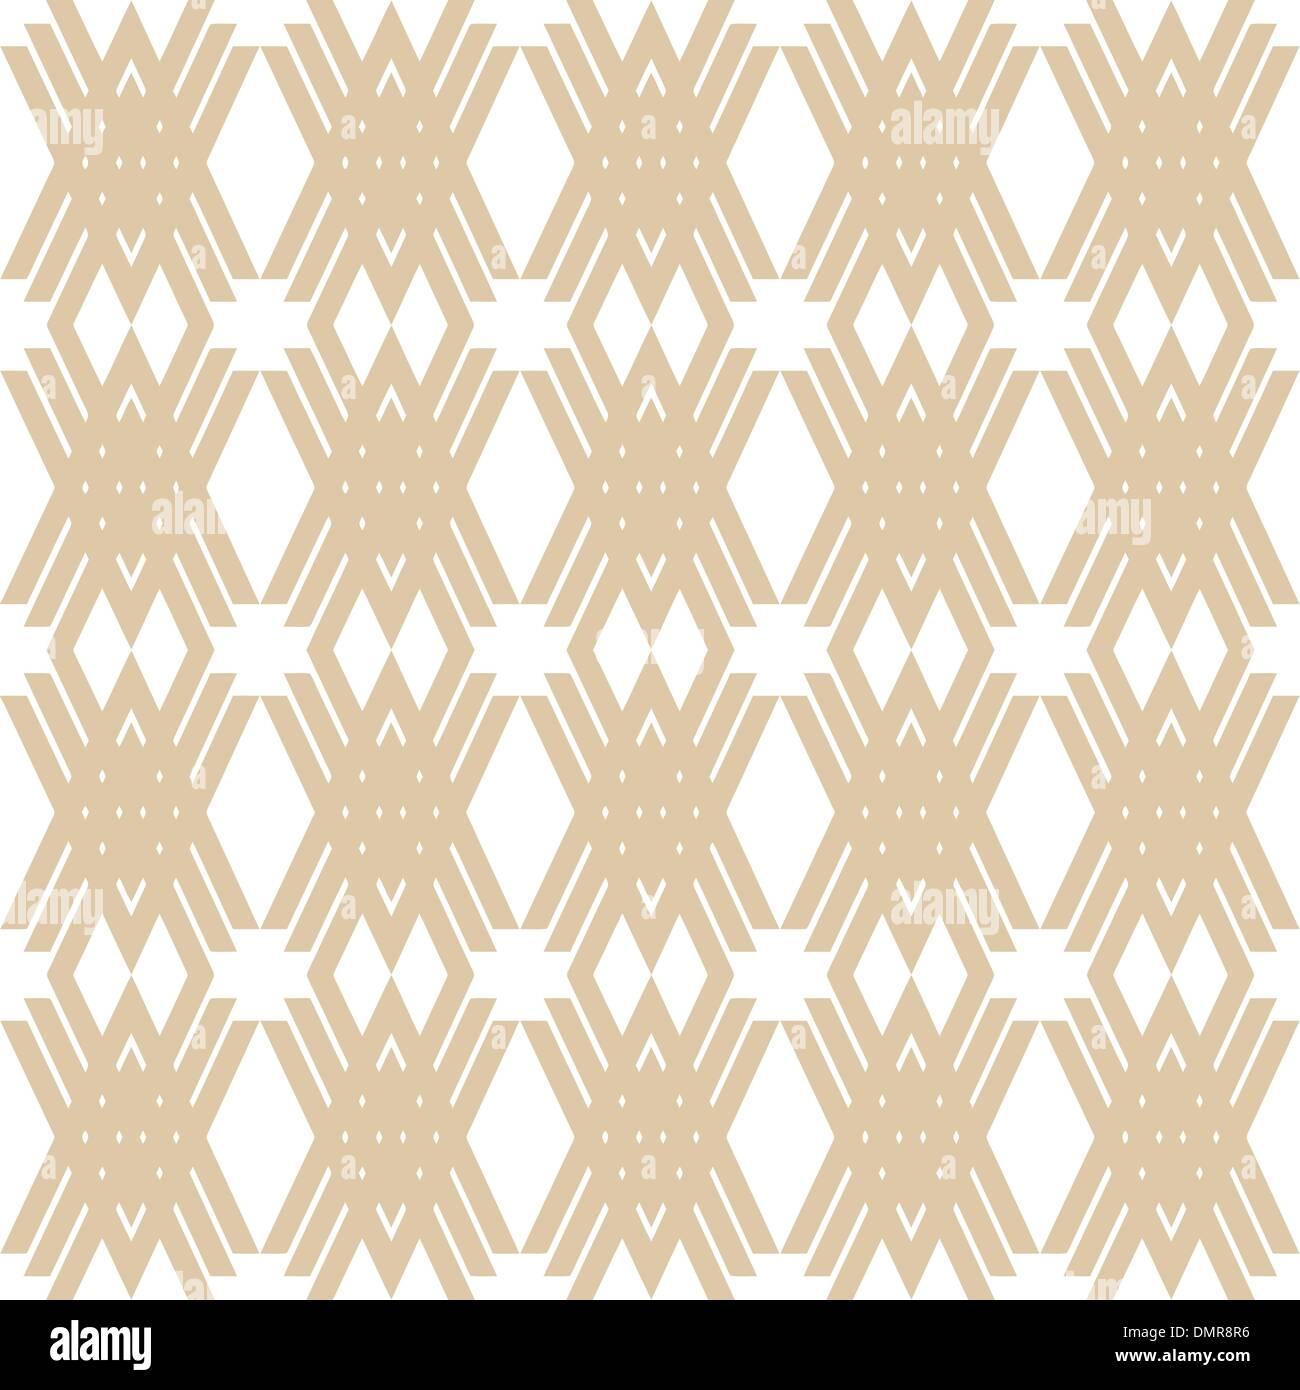 seamless fashion geometric patterns - Stock Image